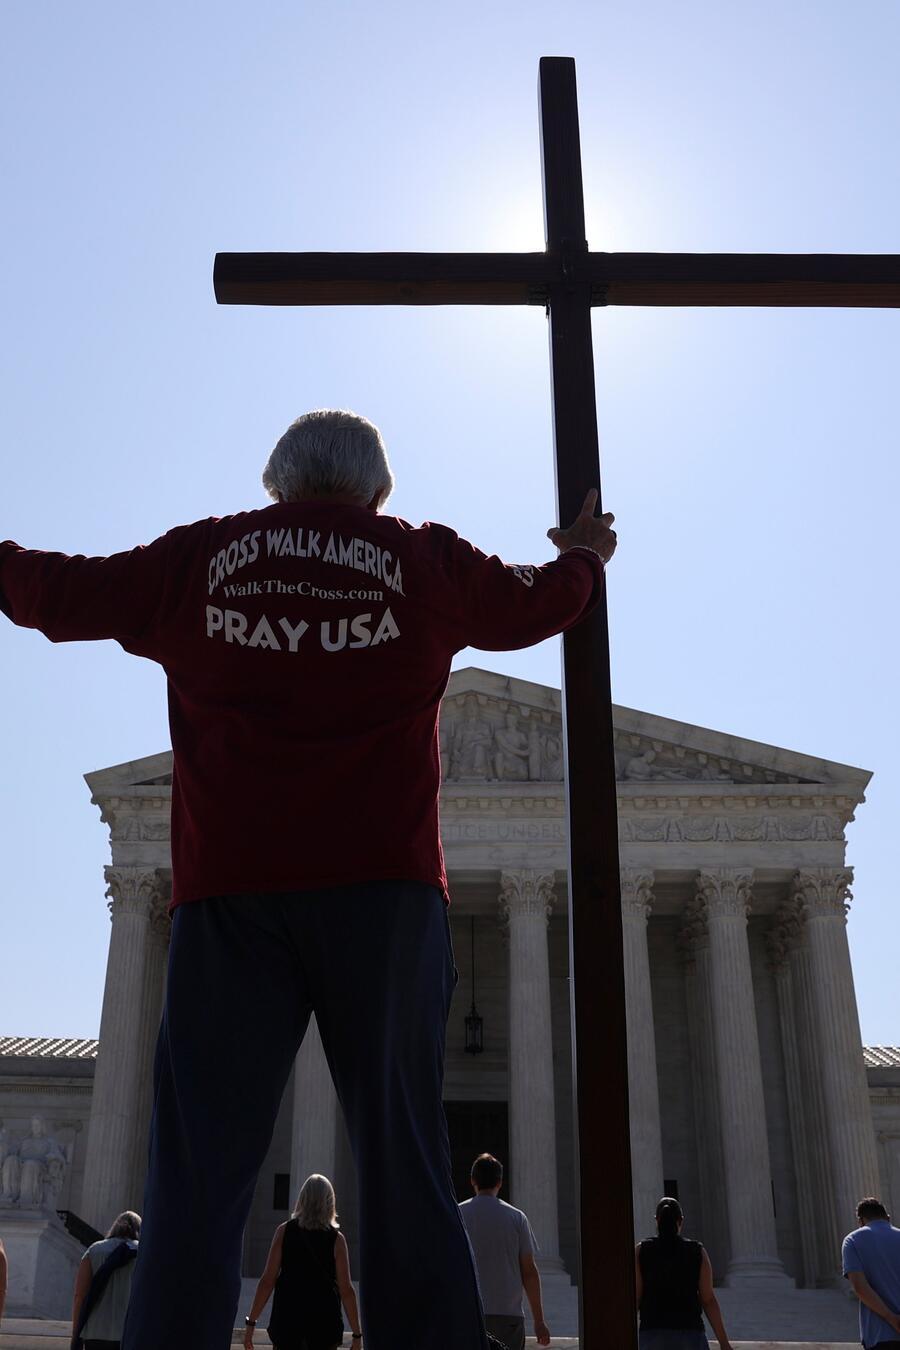 Manifestantes a favor del fallo de la Corte Suprema que decidió que las organizaciones religiosas tienen libertad de negar la cobertura de anticonceptivos garantizada por Obamacare.